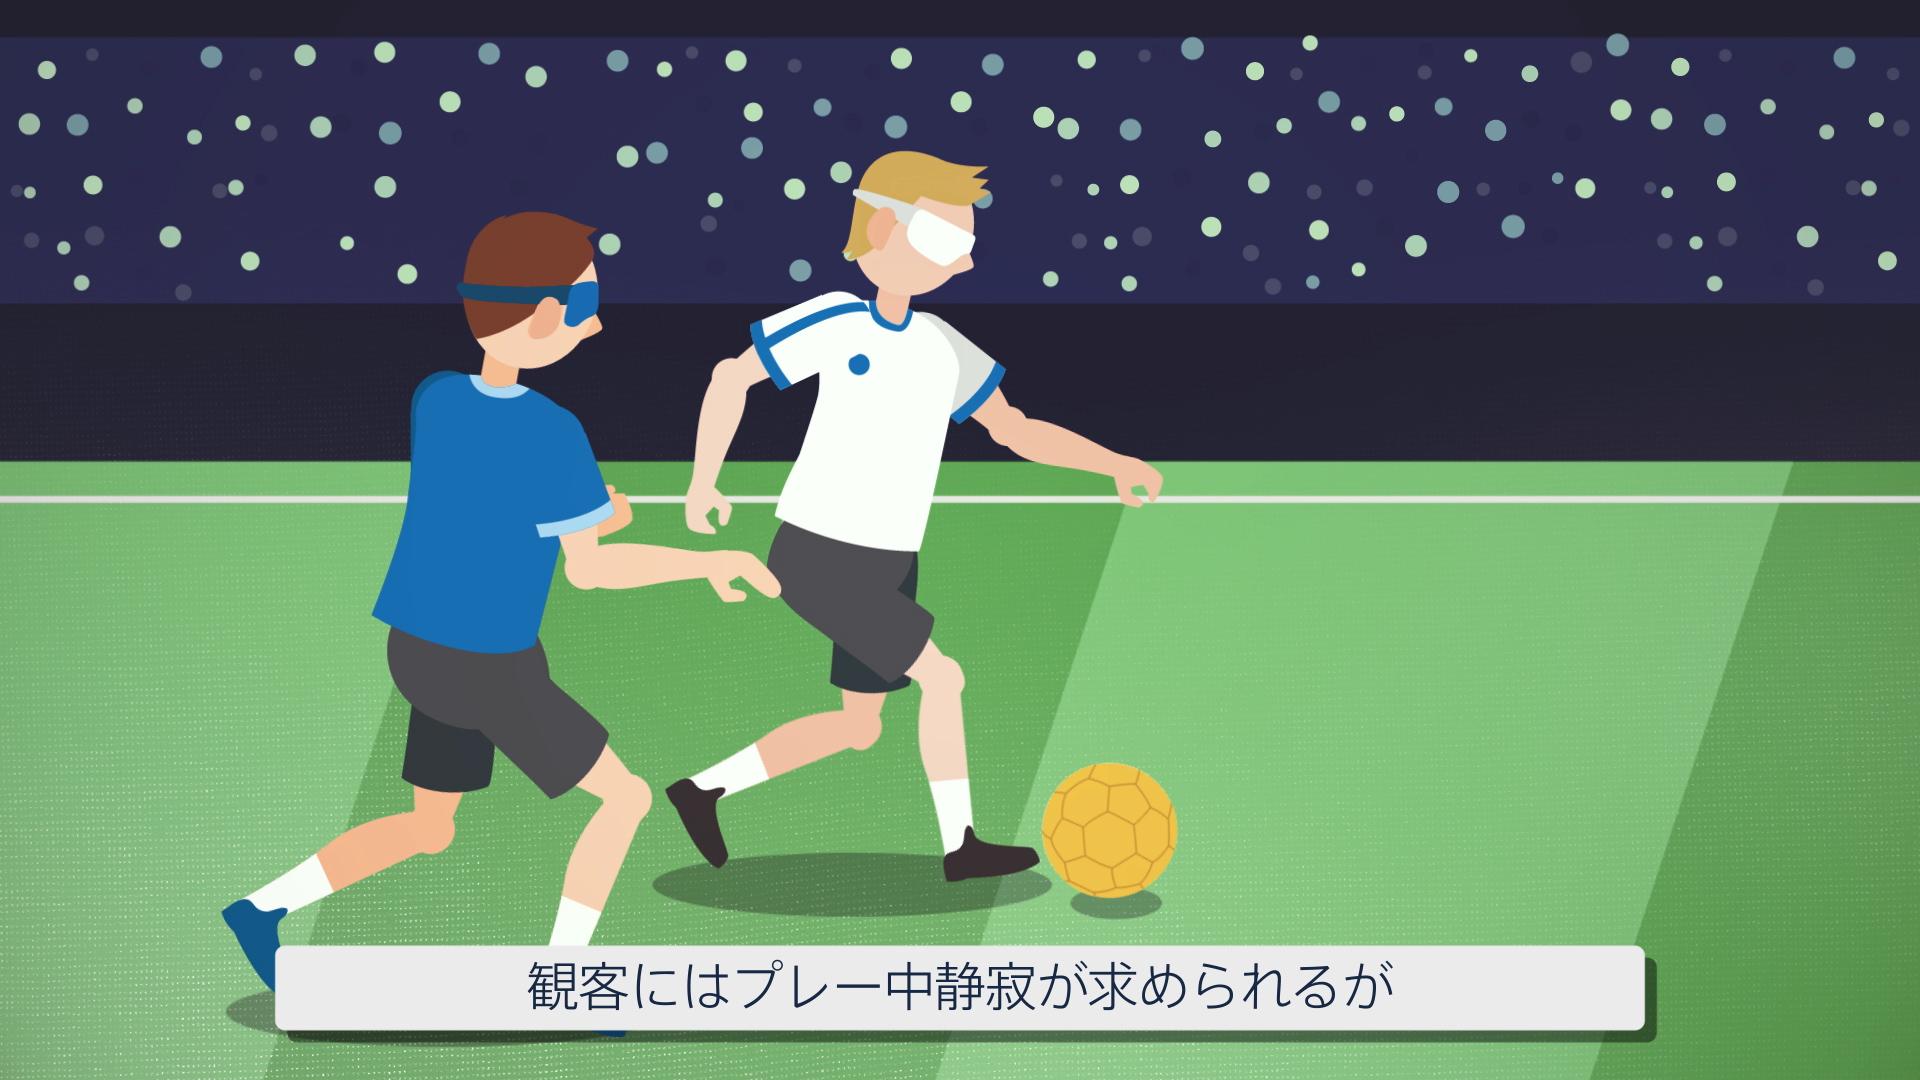 5人制サッカー